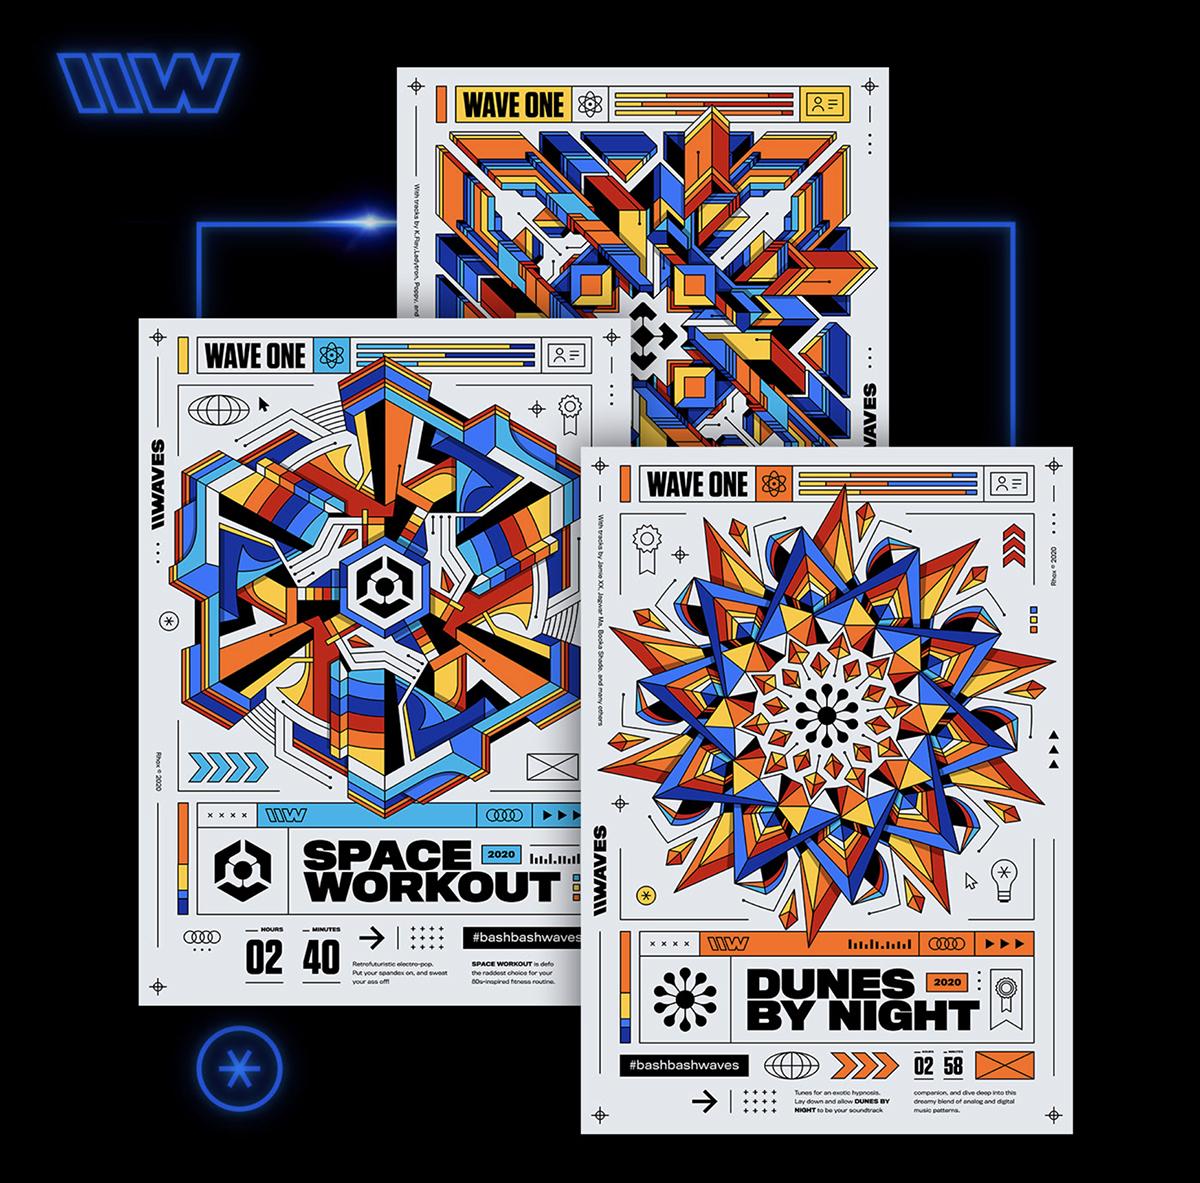 Retro-looking poster designs.